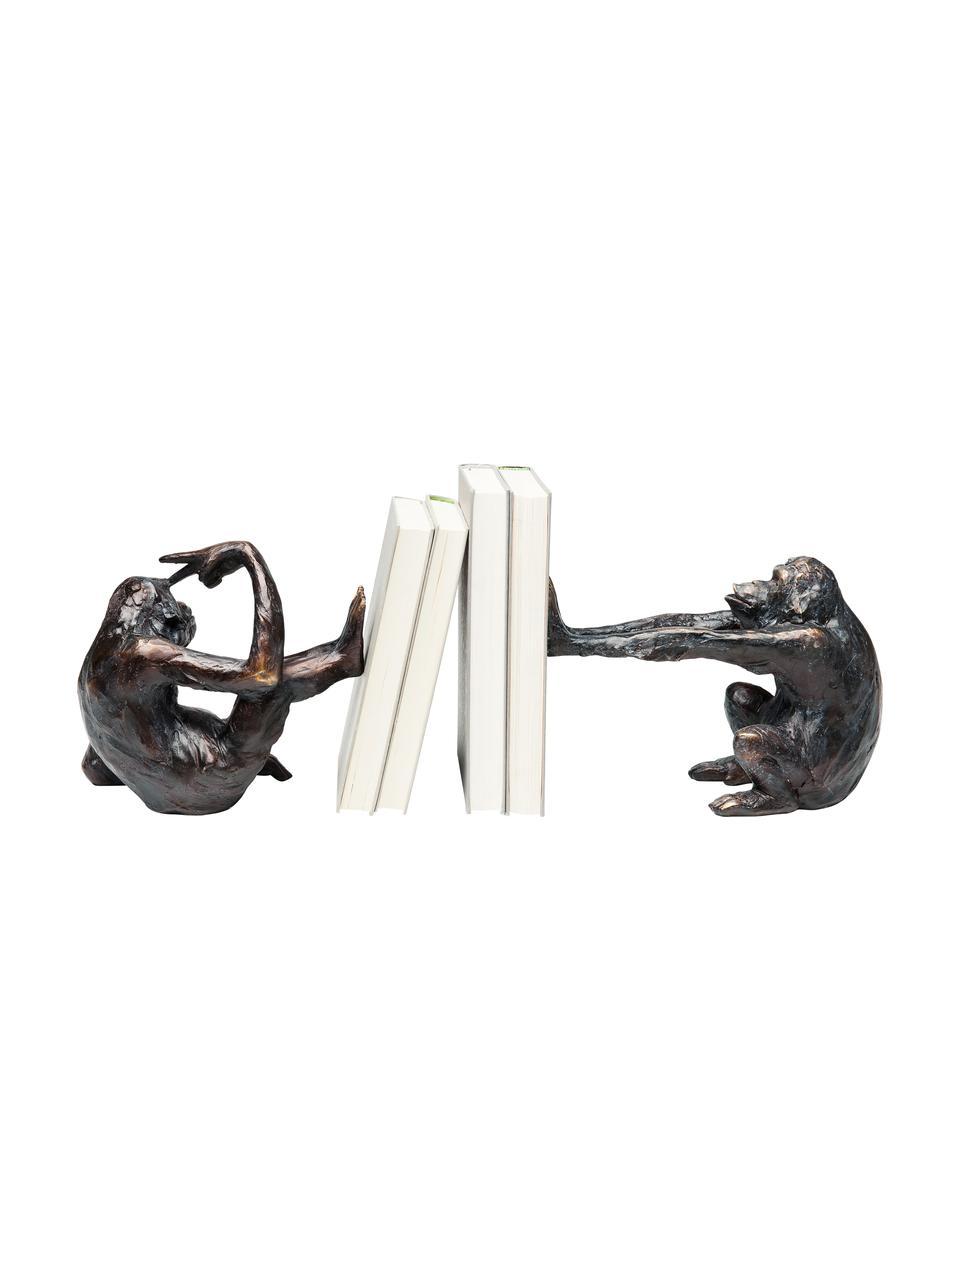 Serre-livres fait à la main Singe, 2 élém., Noir